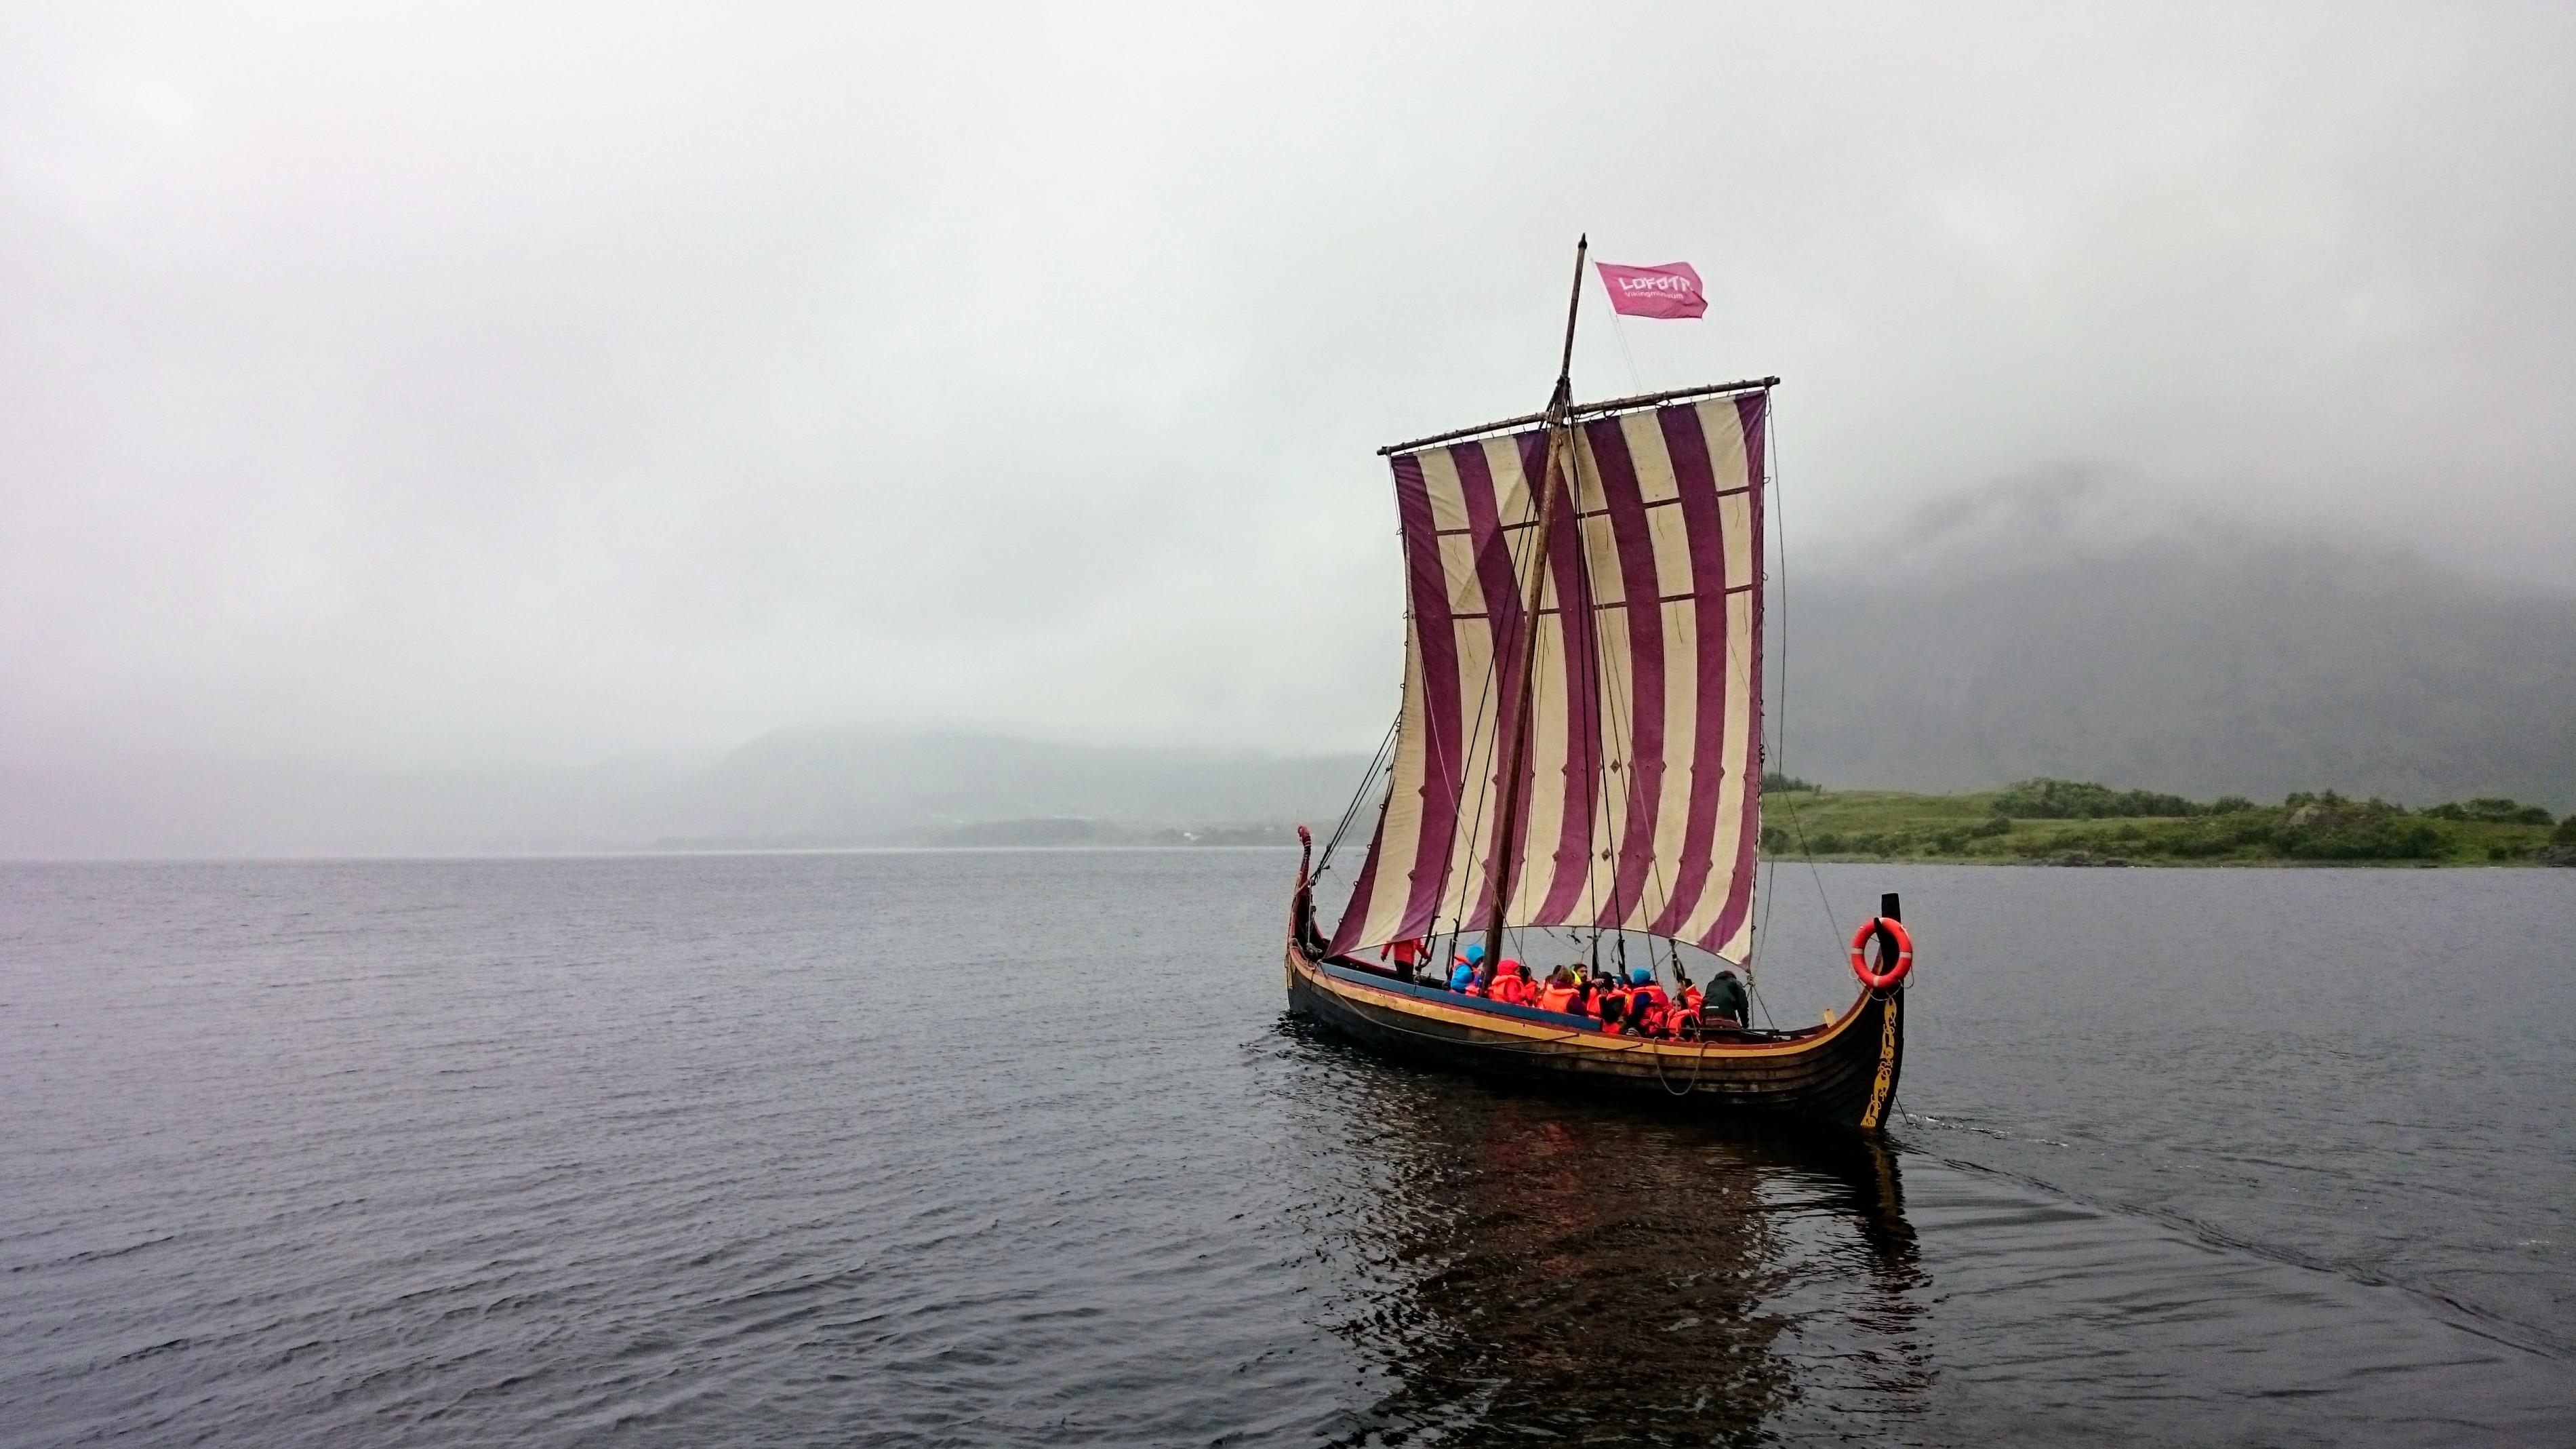 Zmenšená replika vikingské lodi